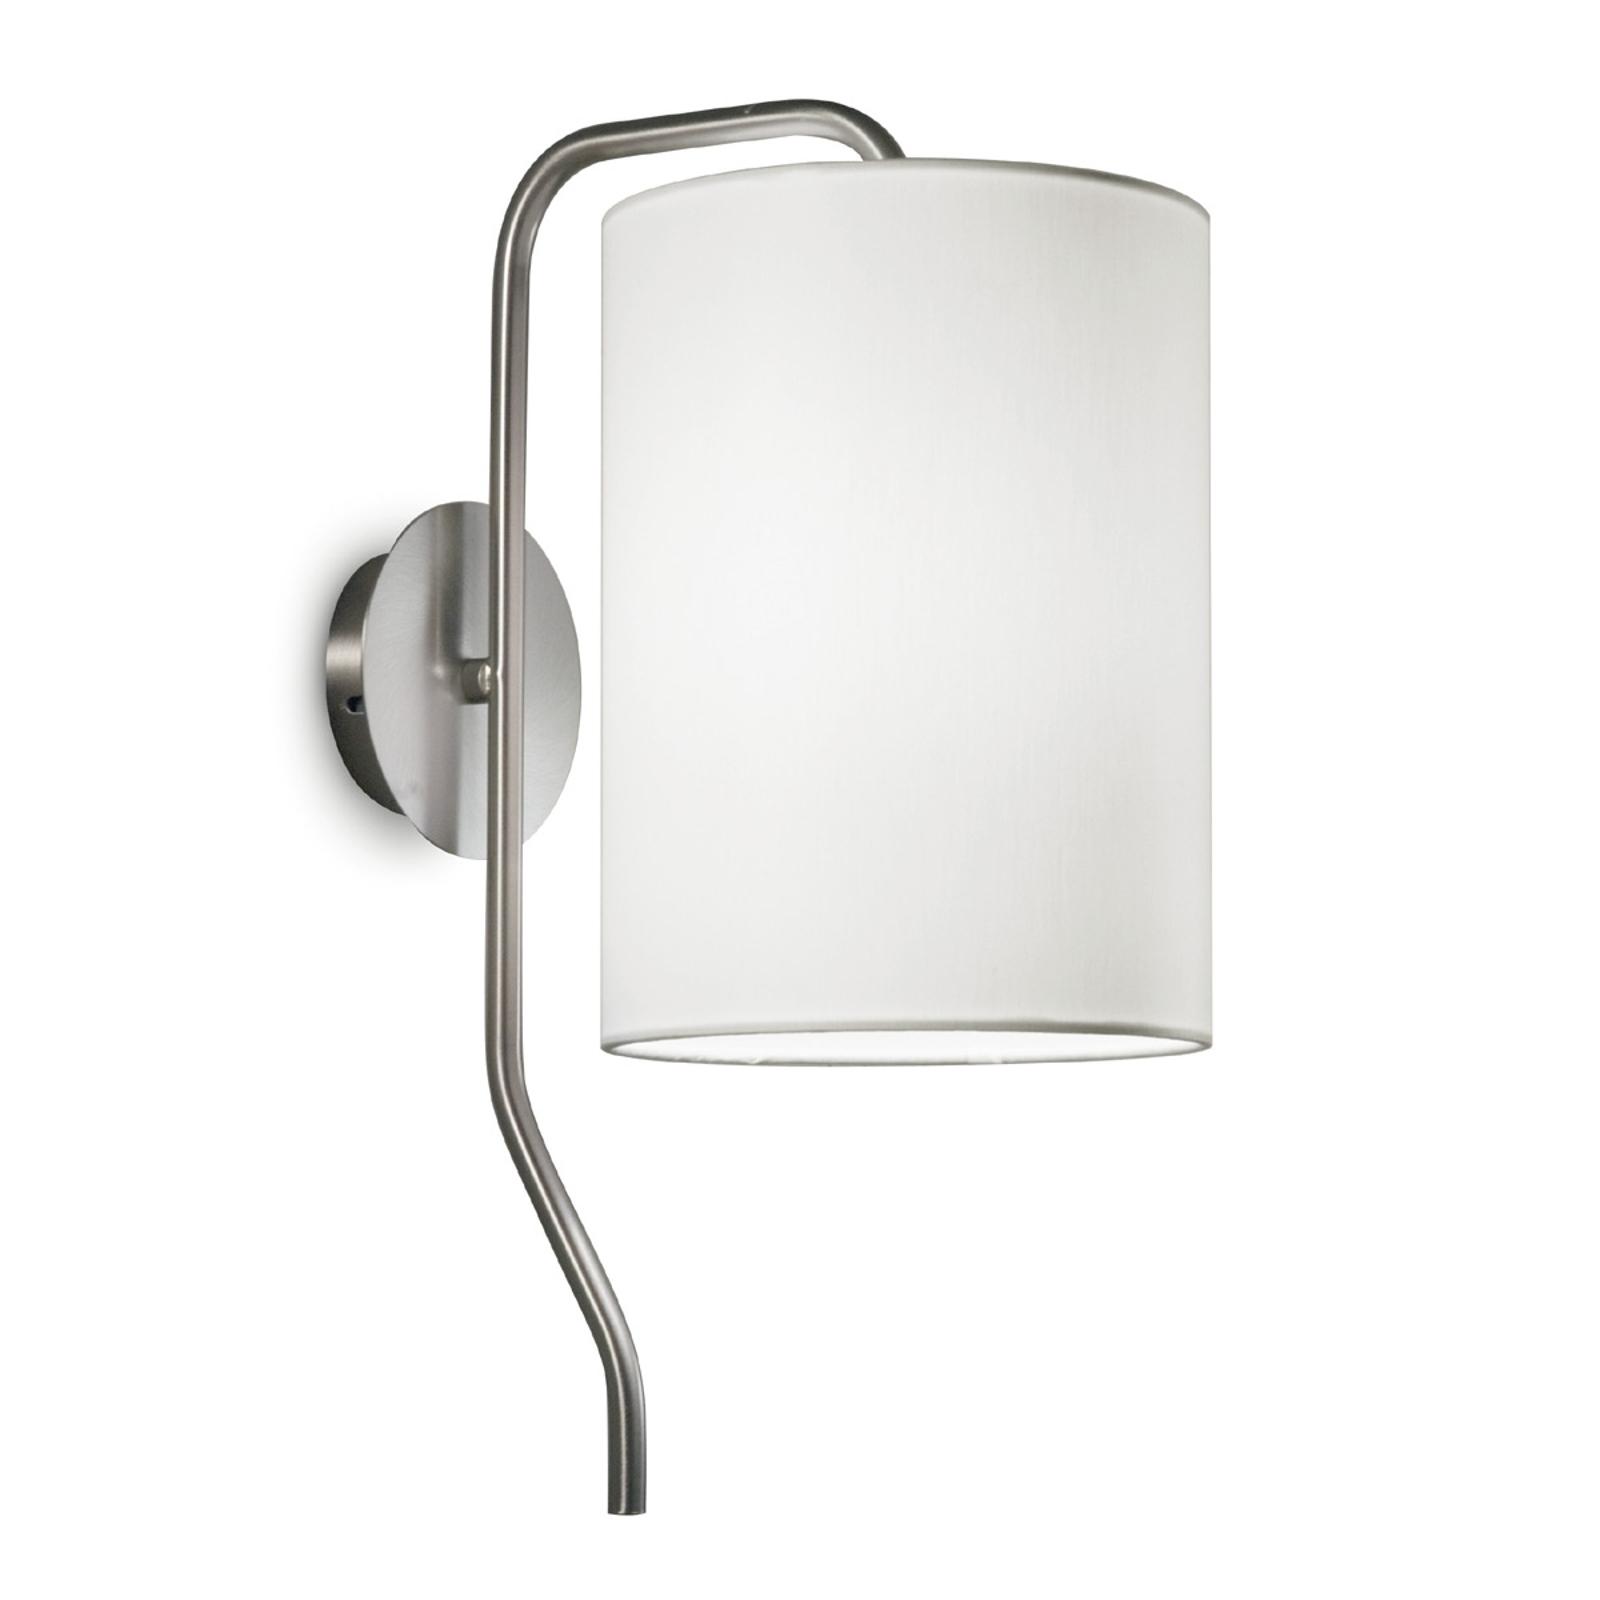 Trendsettende wandlamp Trendy